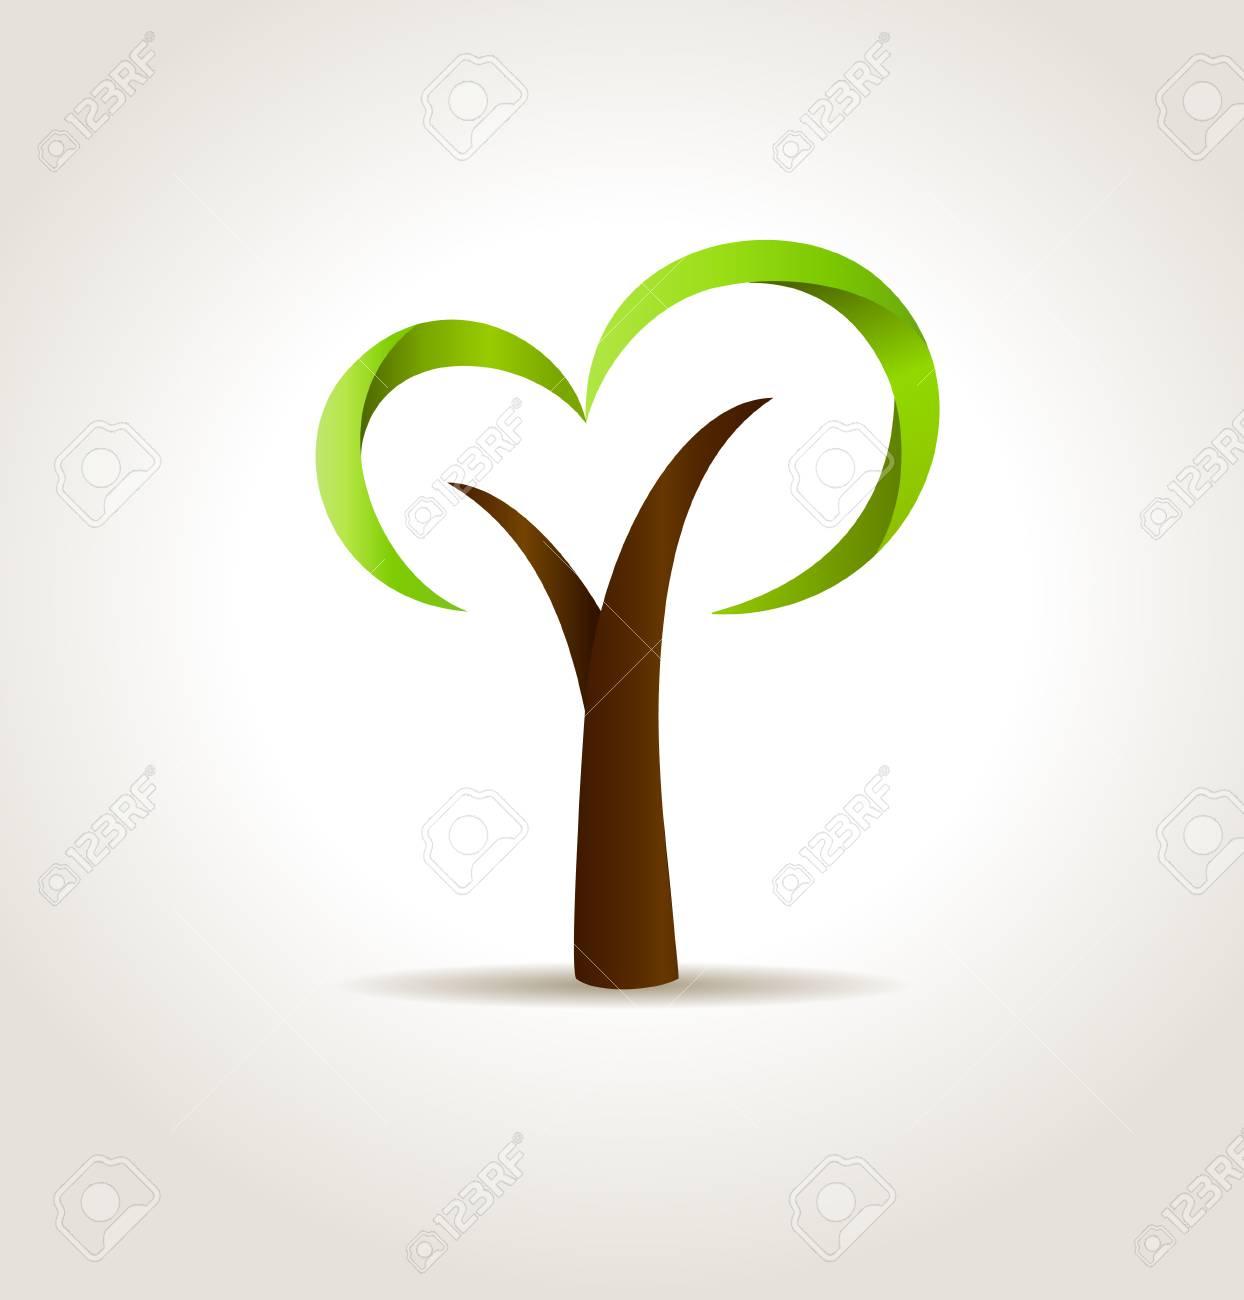 Abstract green tree  eco creative concept Stock Vector - 22679928